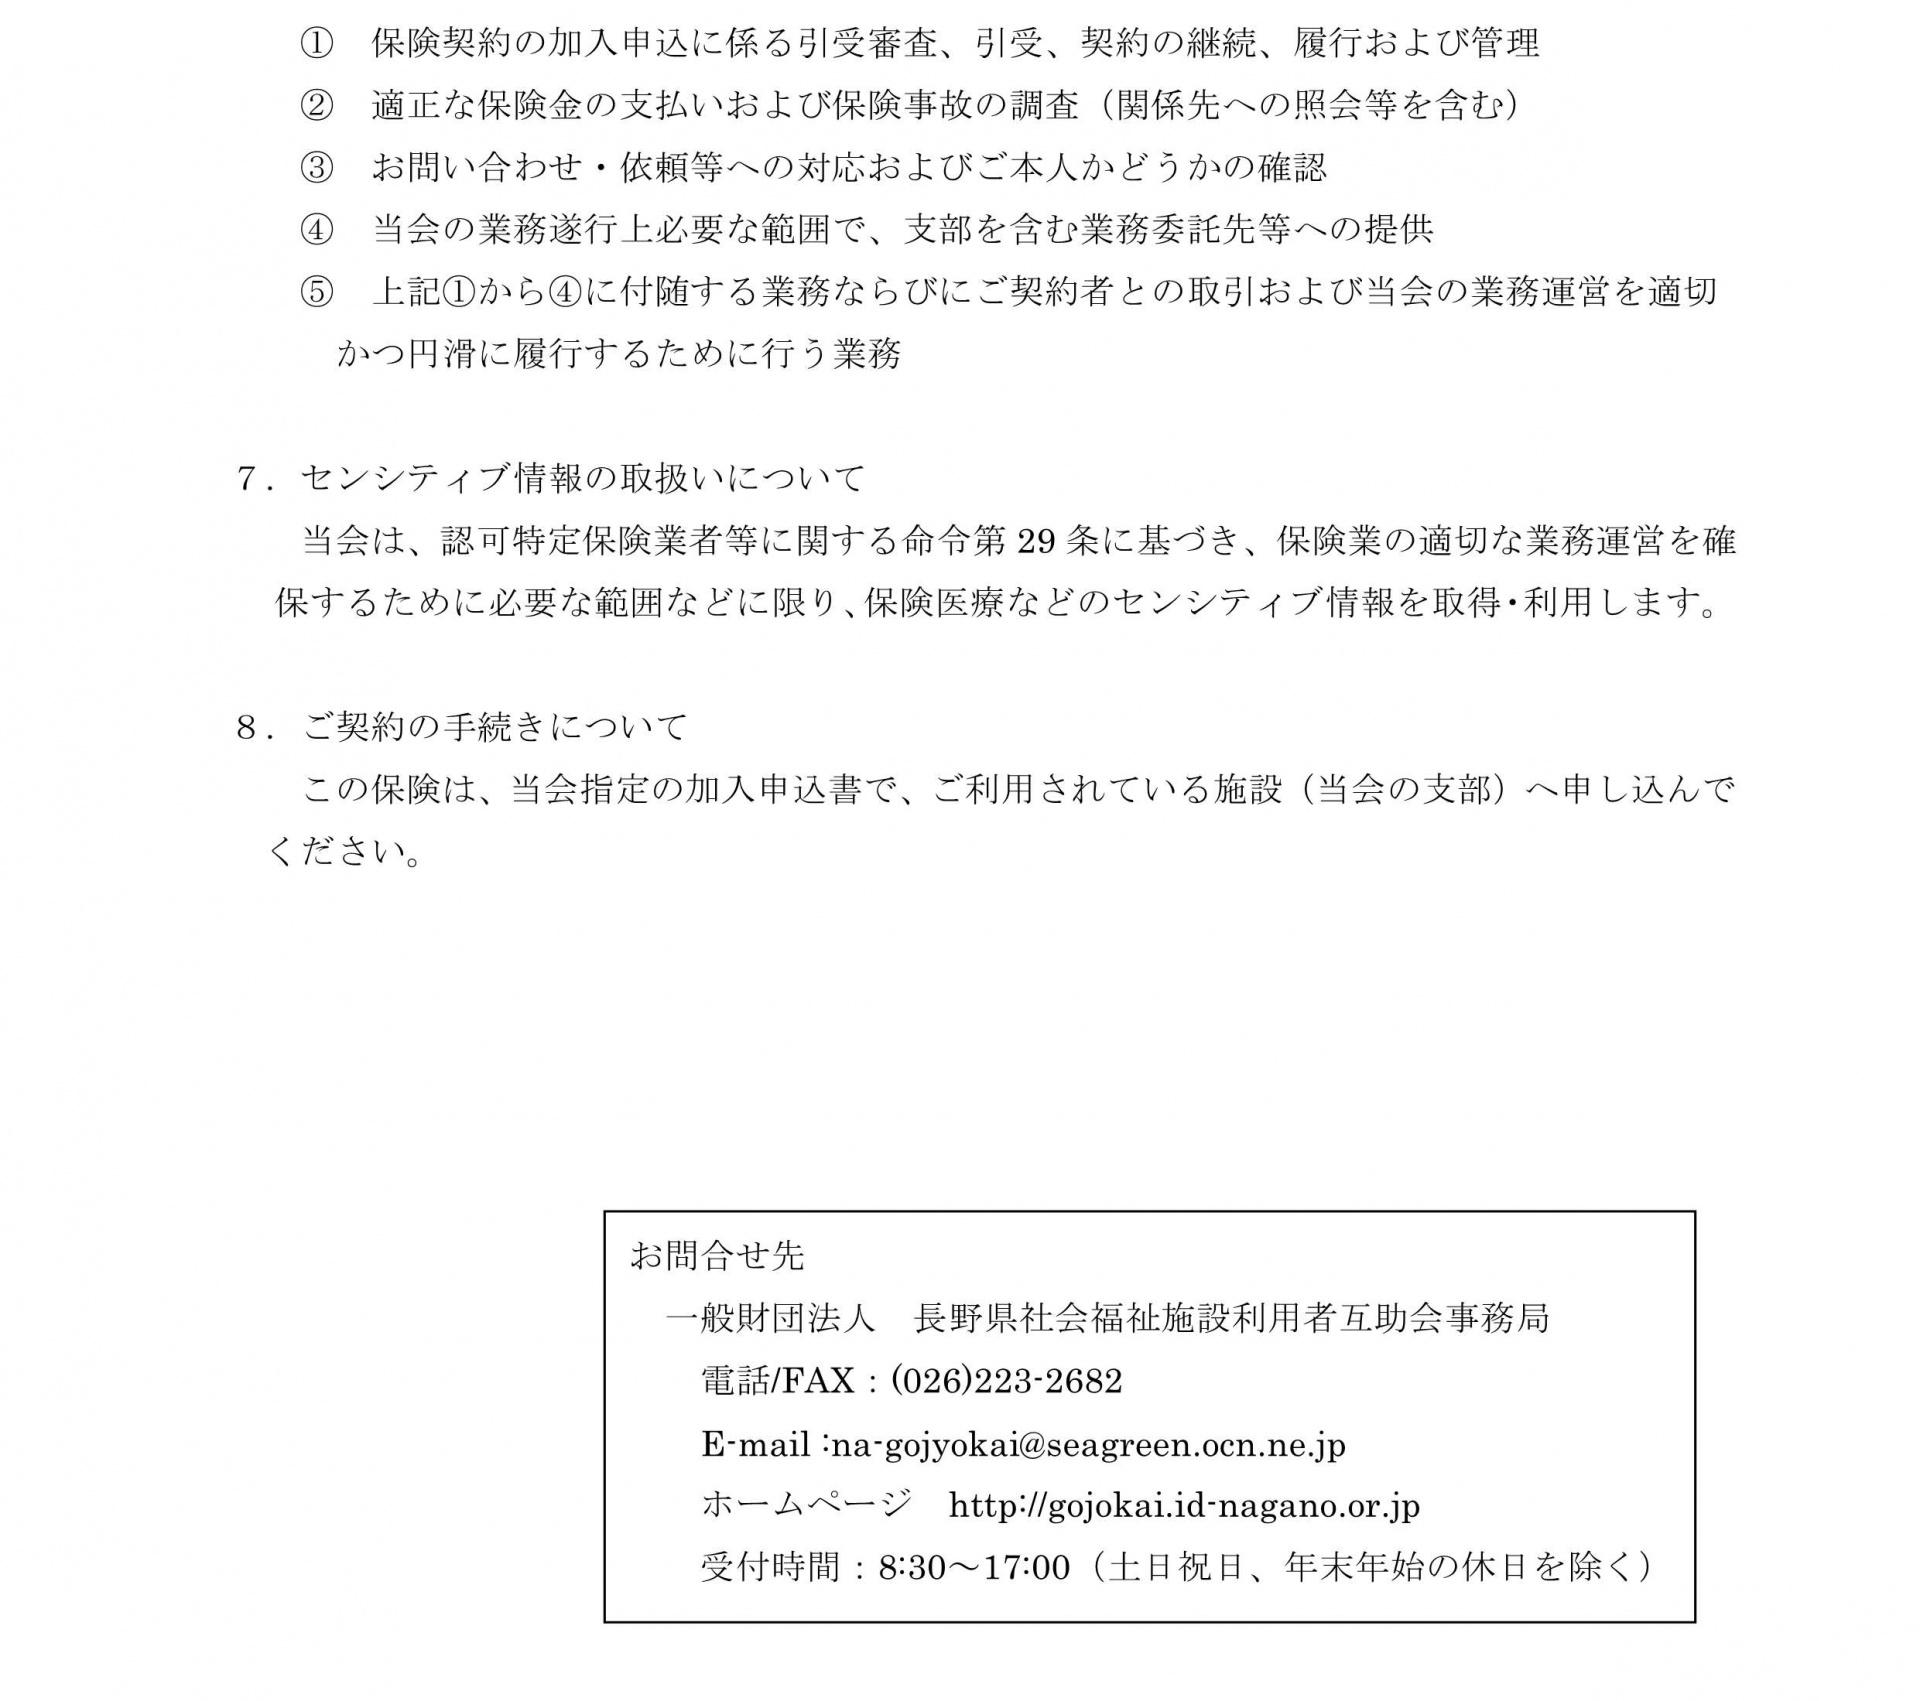 29重要事項説明書(最新版29.1)_6